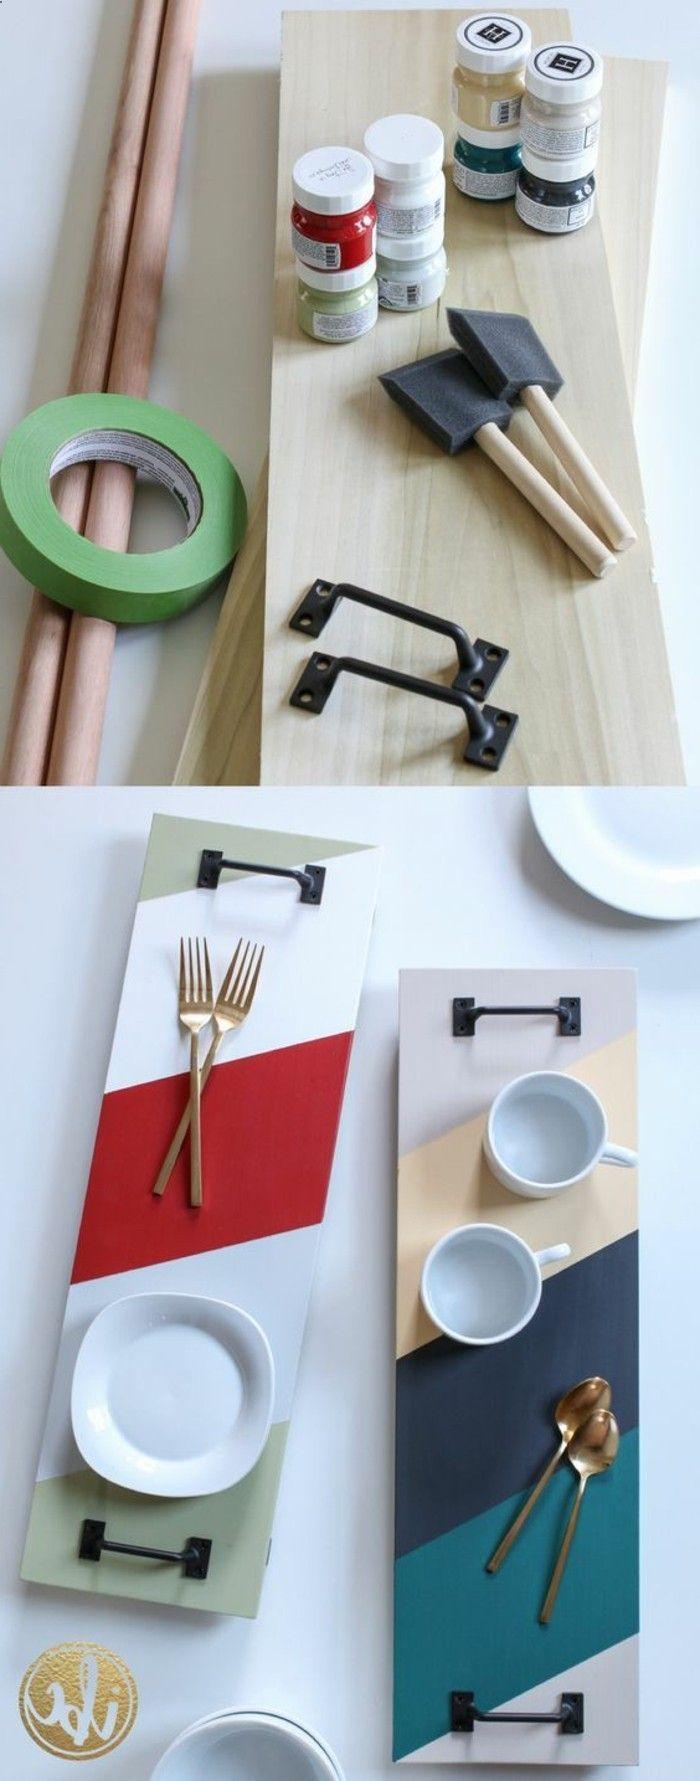 idée très sympa pour un plateau, cadeau a faire soi meme, idée très esthétique qui va embellir votre table ➦➦ http://www.diverint.com/memes-divertidos-el-salvador-de-los-comentarios-a-0-puntos